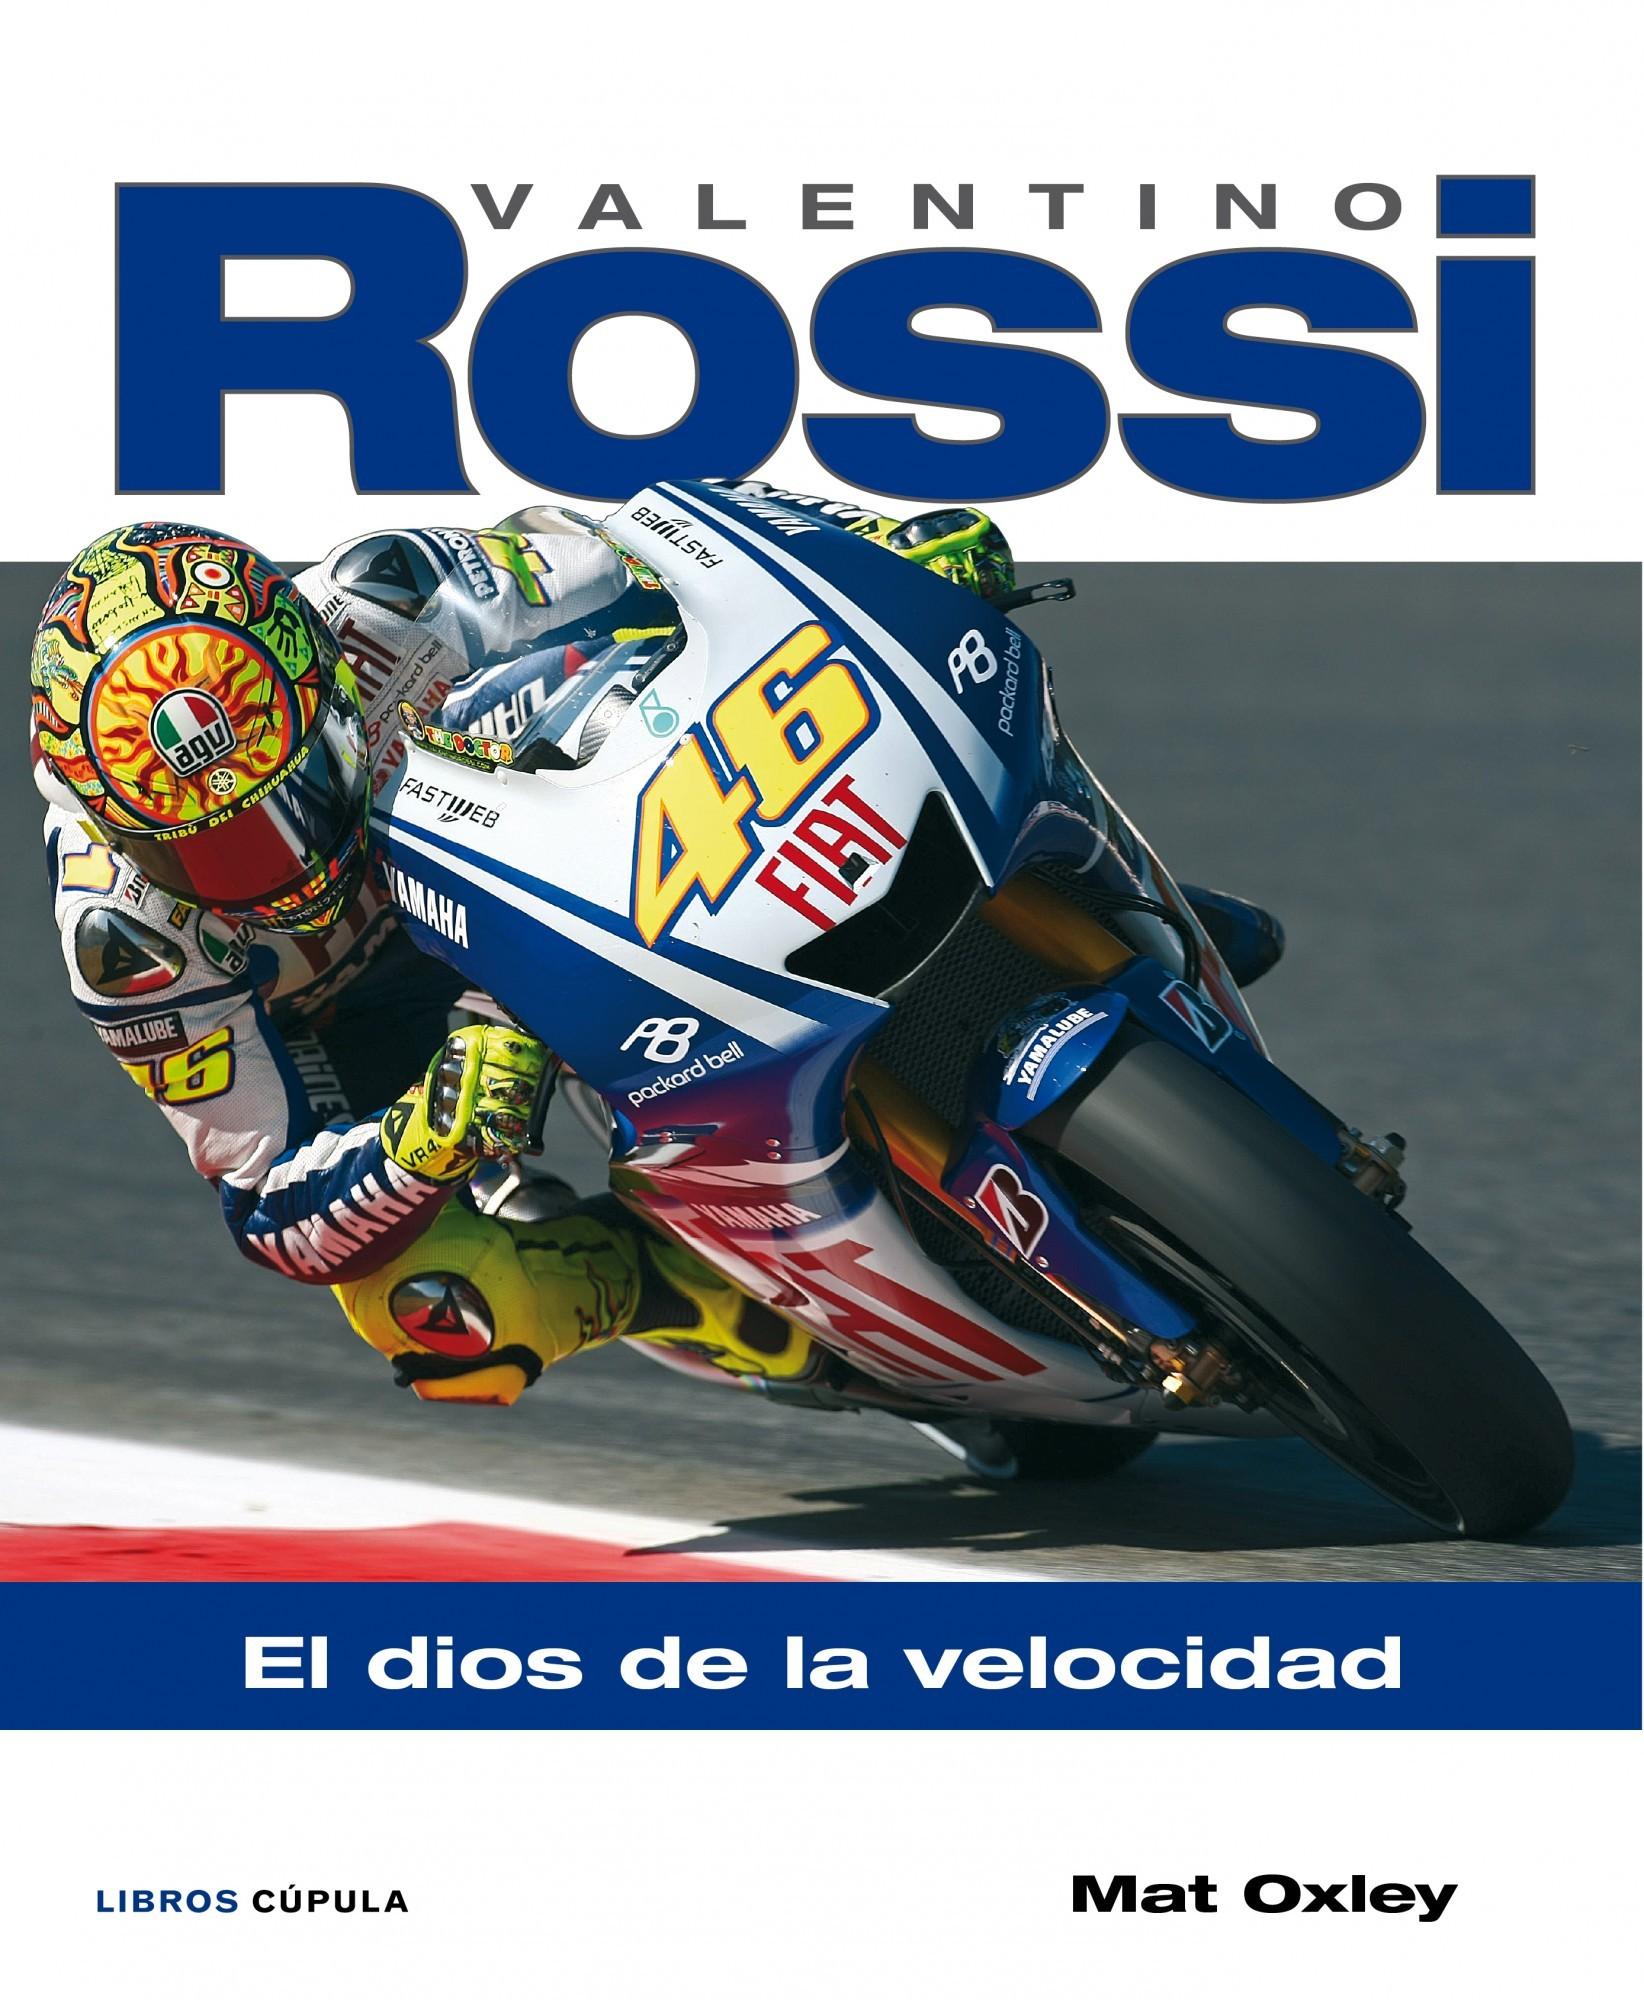 VALENTINO ROSSI. EL DIOS DE LA VELOCIDAD